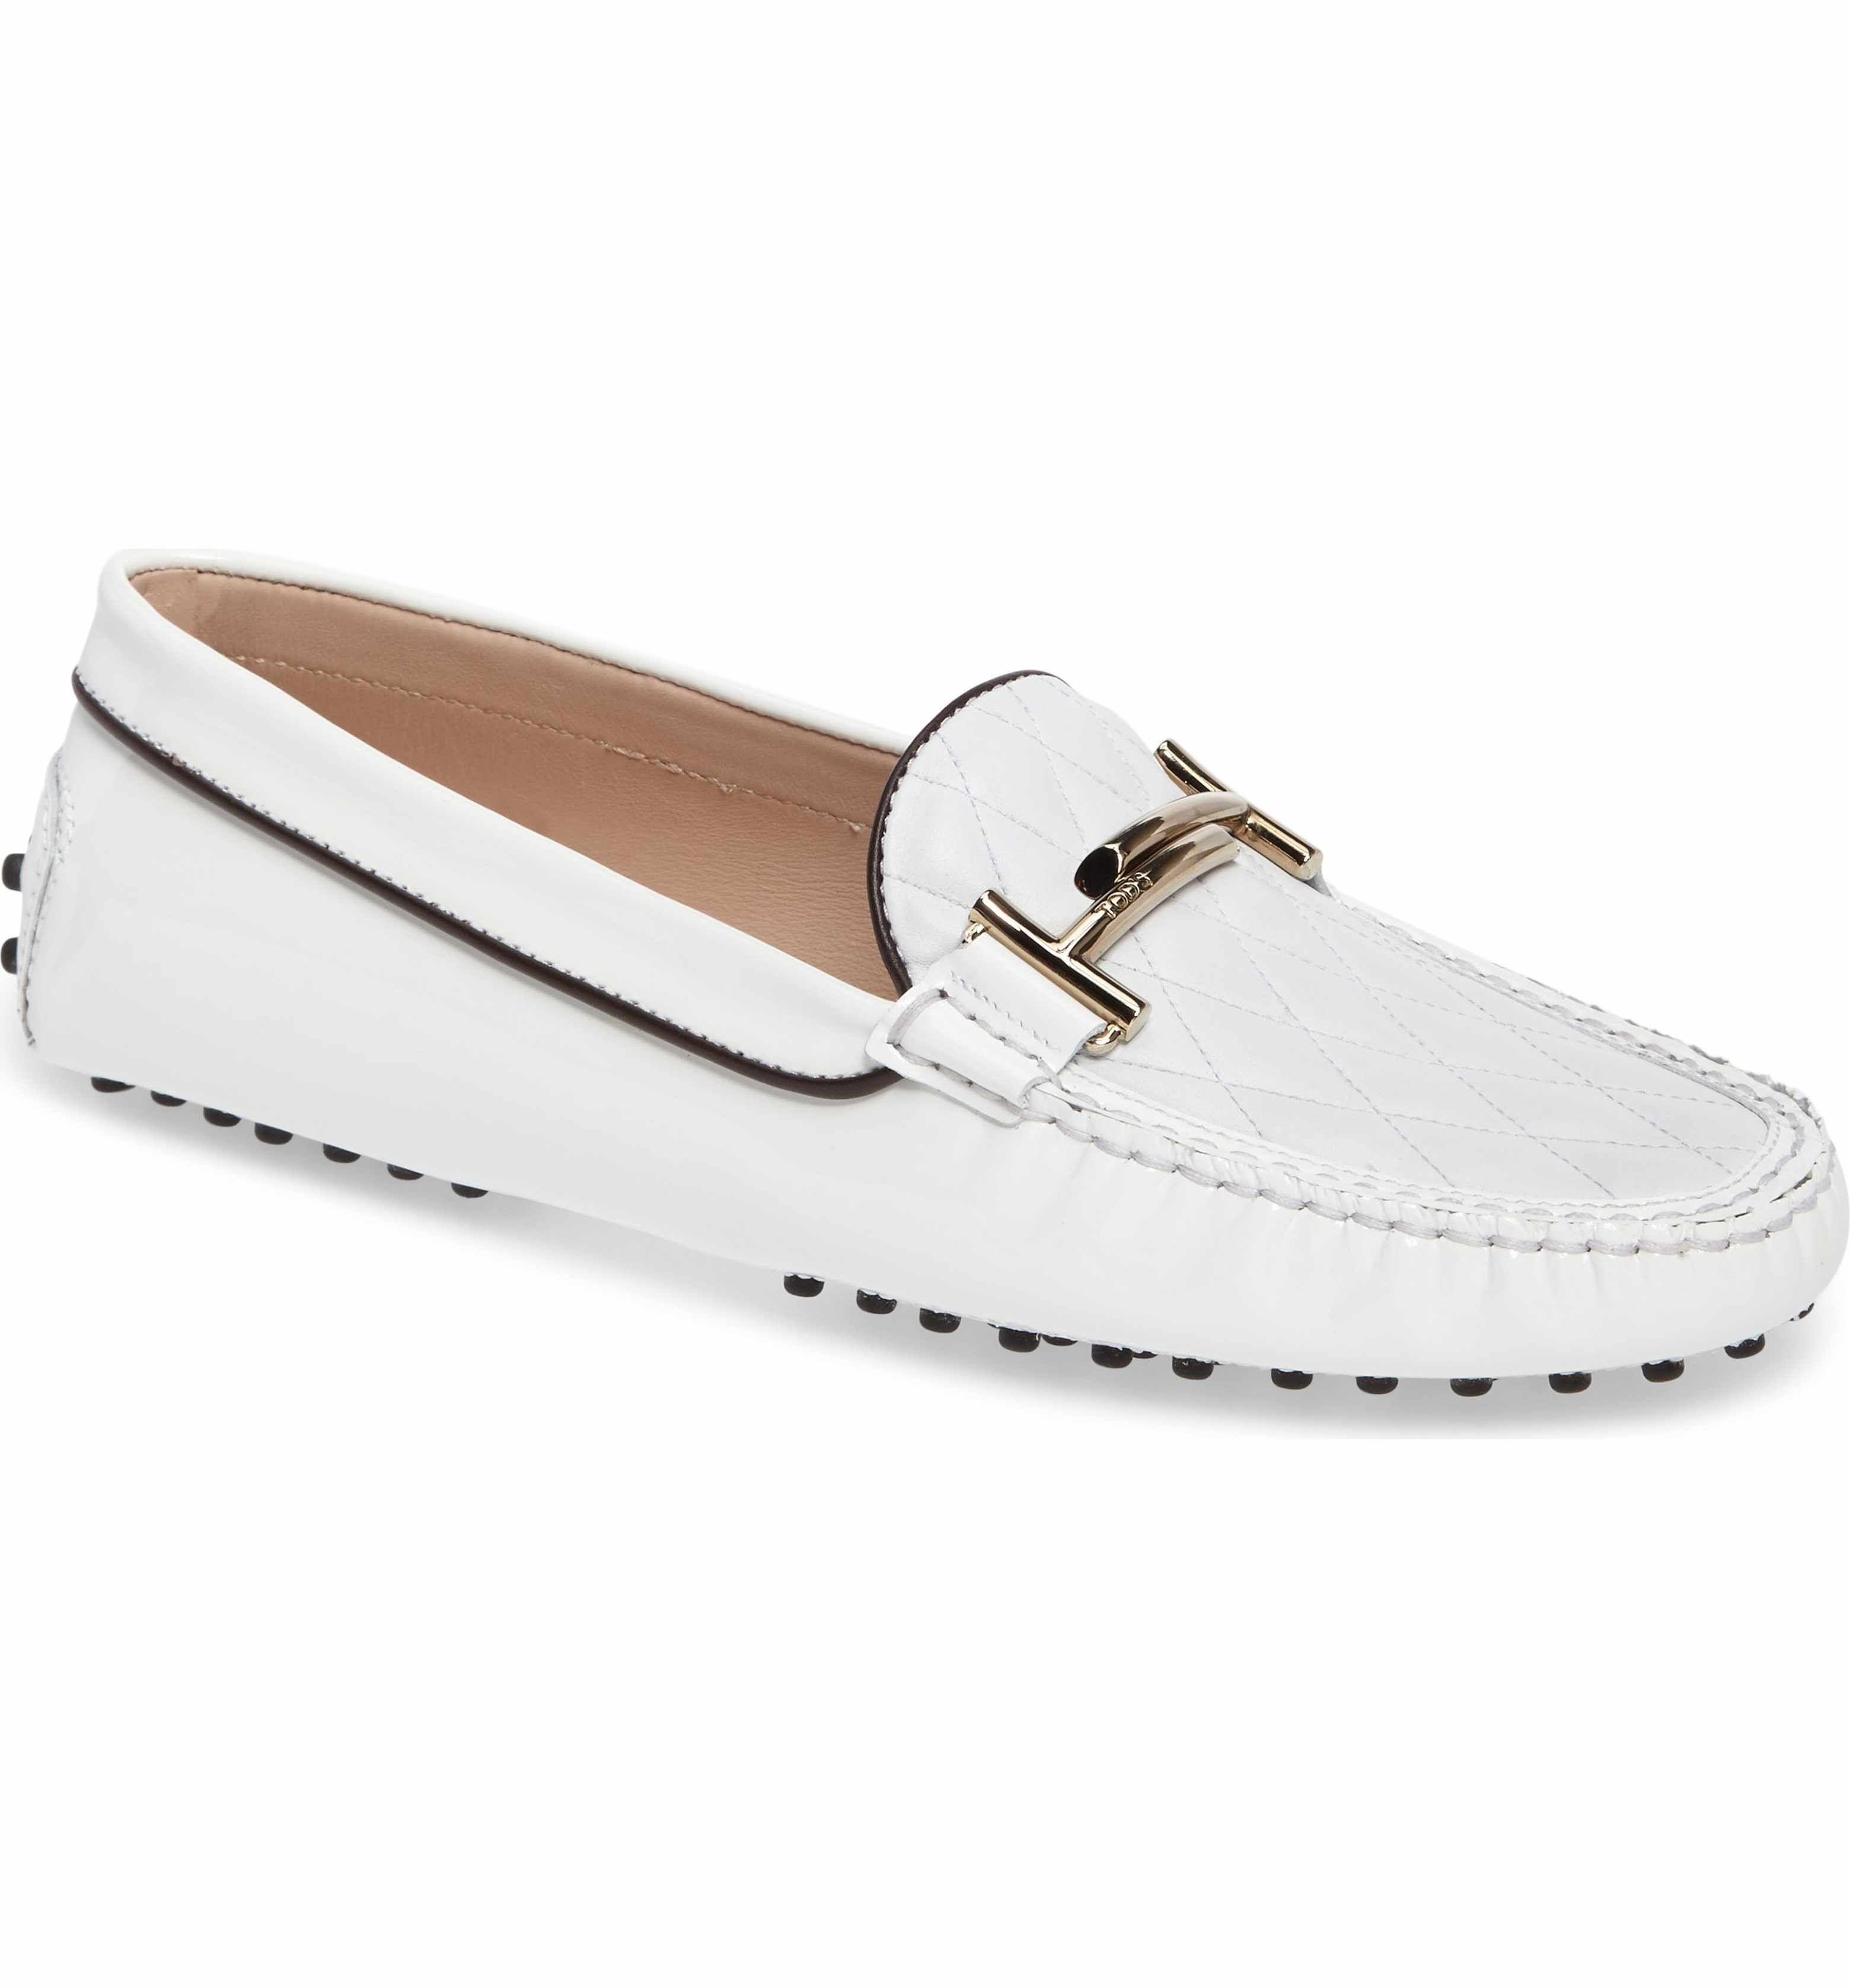 many fashionable no sale tax 100% genuine ปักพินในบอร์ด accessories